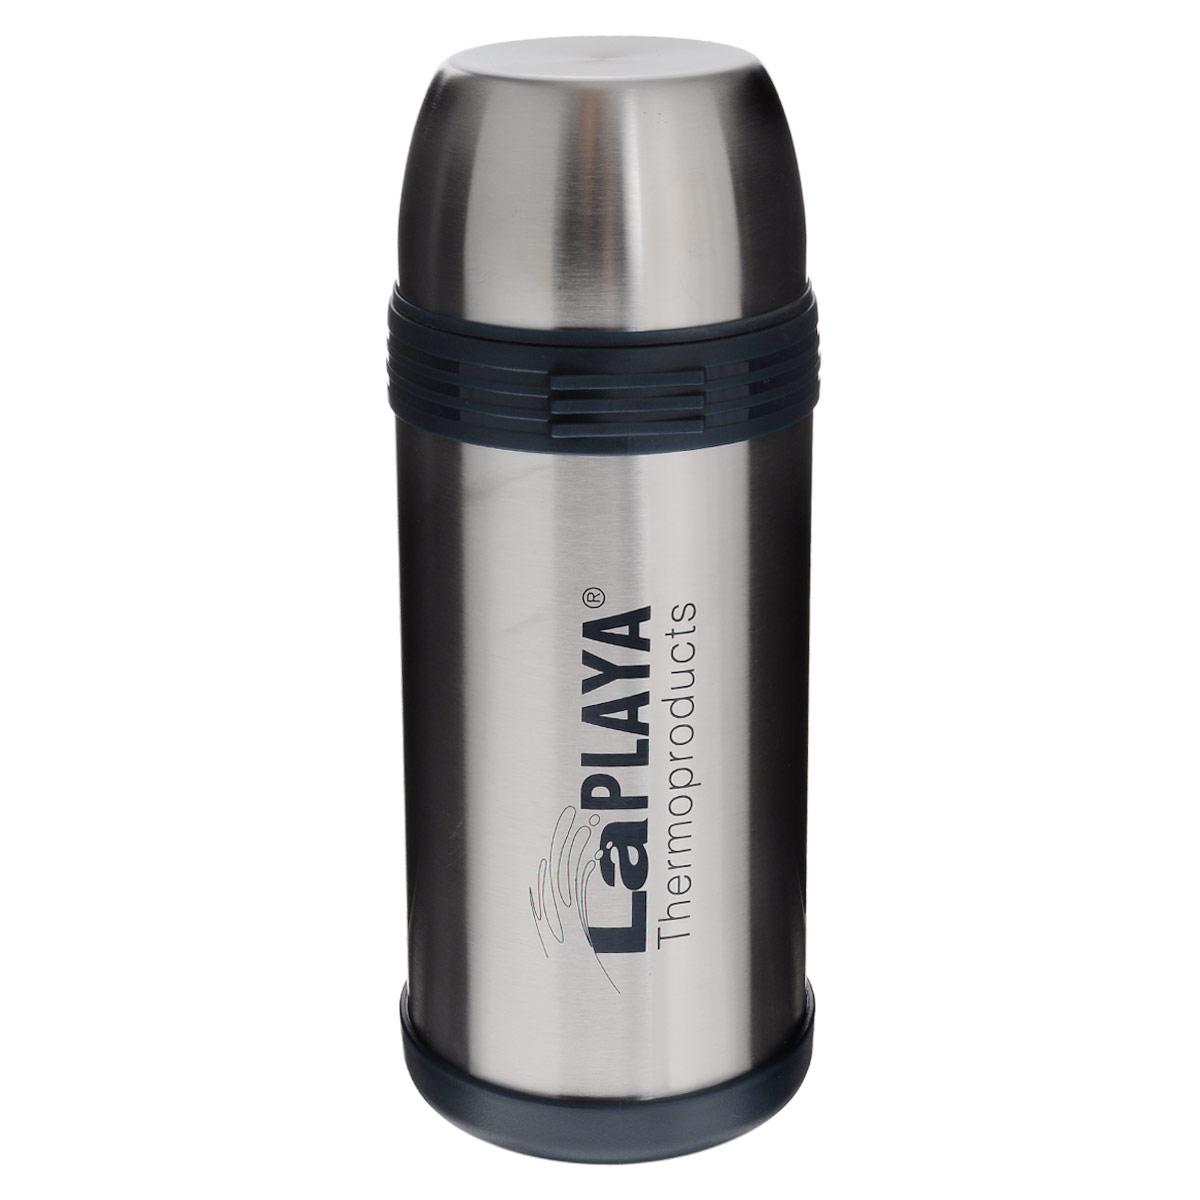 Термос LaPlaya Challenger, 1,5 л560025Термос LaPlaya Challenger изготовлен из нержавеющей стали 18/8 и пластика. В этом термосе применена система высококачественной вакуумной изоляции. Термос помогает сохранить температуру в течение 8 часов для горячих напитков и 24 часов для холодных. Широкая герметичная комбинированная пробка позволяет использовать термос для первых и вторых блюд при полном открывании и для напитков - при вывинчивании внутренней части. Крышку термоса можно использовать как кружку. Изделие оснащено дополнительной пластиковой чашкой. Откидная ручка и съемный ремень позволяют удобно переносить термос. Высота термоса (с крышкой): 28,5 см. Диаметр горлышка: 7,5 см. Объем кружки: 350 мл. Высота кружки: 6 см. Диаметр кружки: 10 см. Объем пластиковой чашки: 200 мл. Высота пластиковой чашки: 4 см. Диаметр пластиковой чашки: 9,3 см.